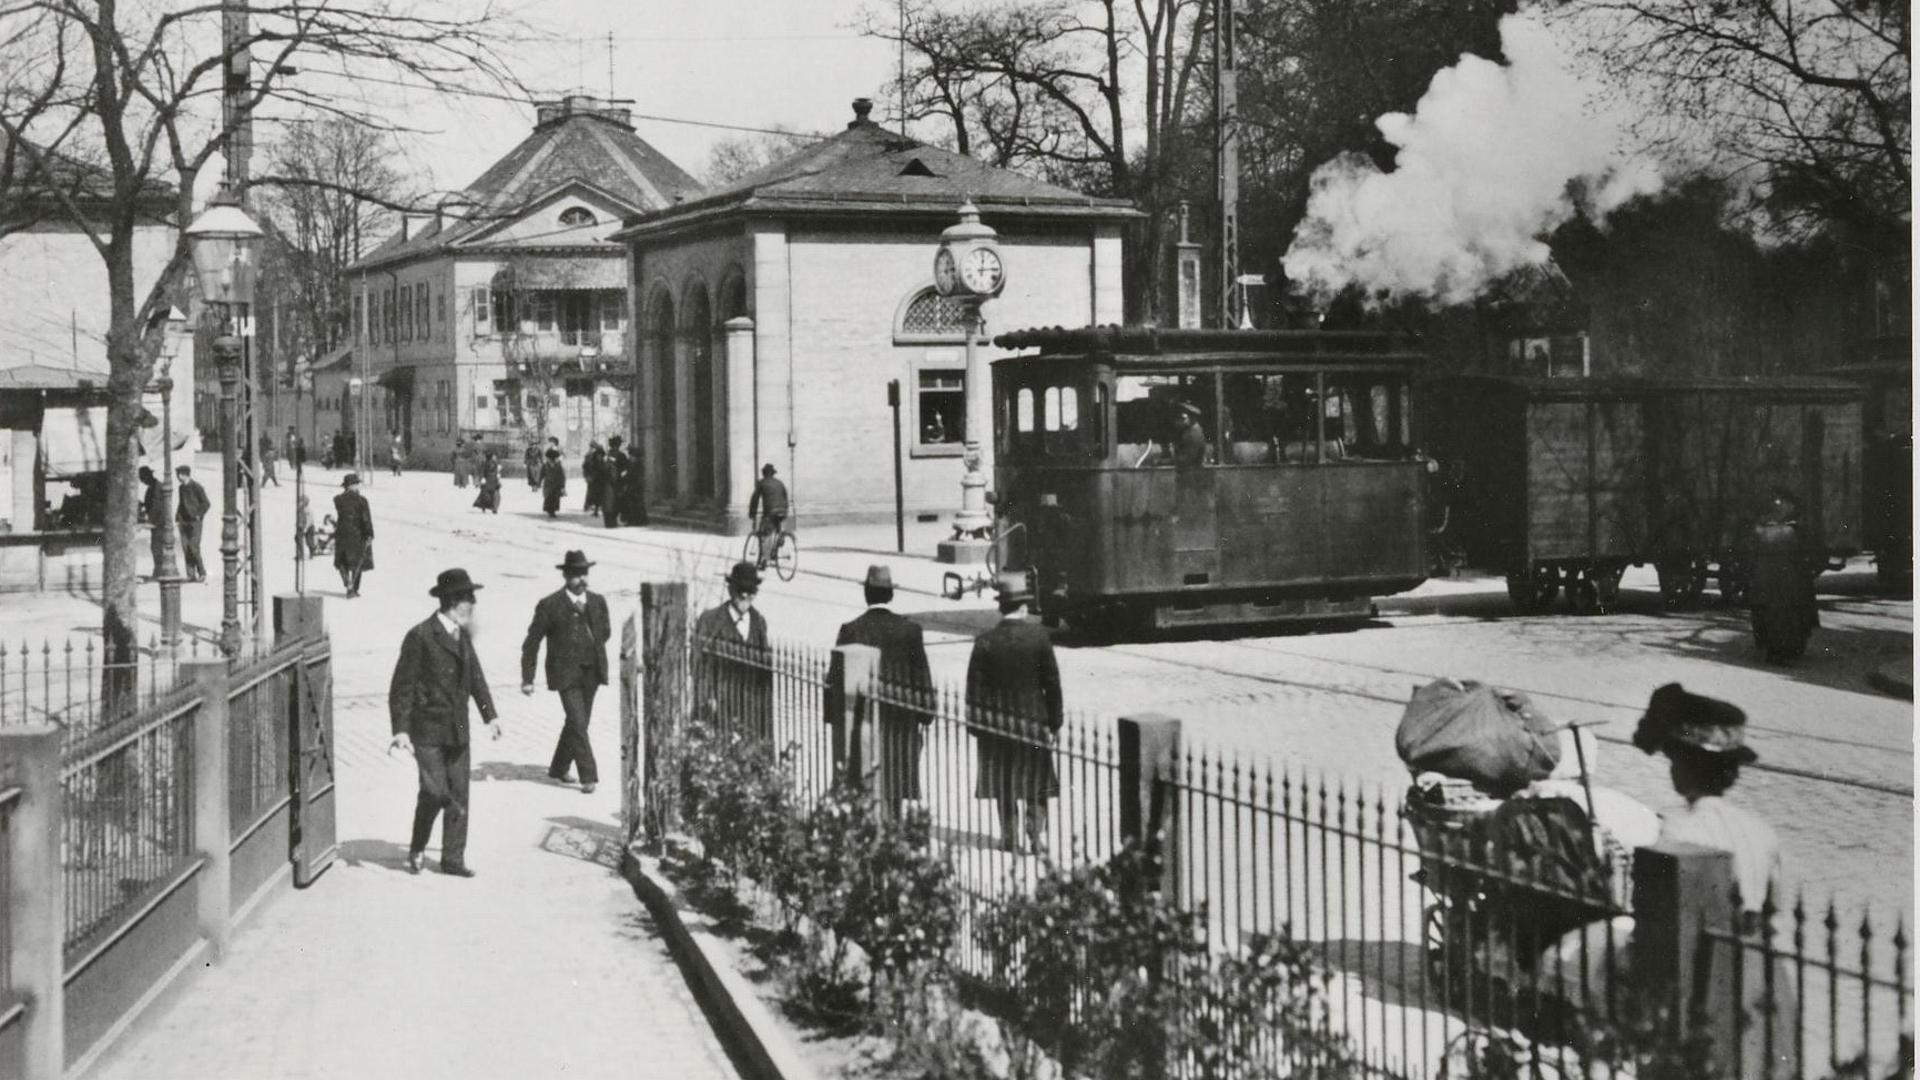 Das Lobberle: Die Karlsruher Lokalbahn zwischen Spöck und Durmersheim, rollt am Karlstor auf der Kriegsstraße quer über die Straßenbahngleise. Dampf steigt in dieser Szene um 1910 vor dem Palaispark – heute Standort des BGH – auf.